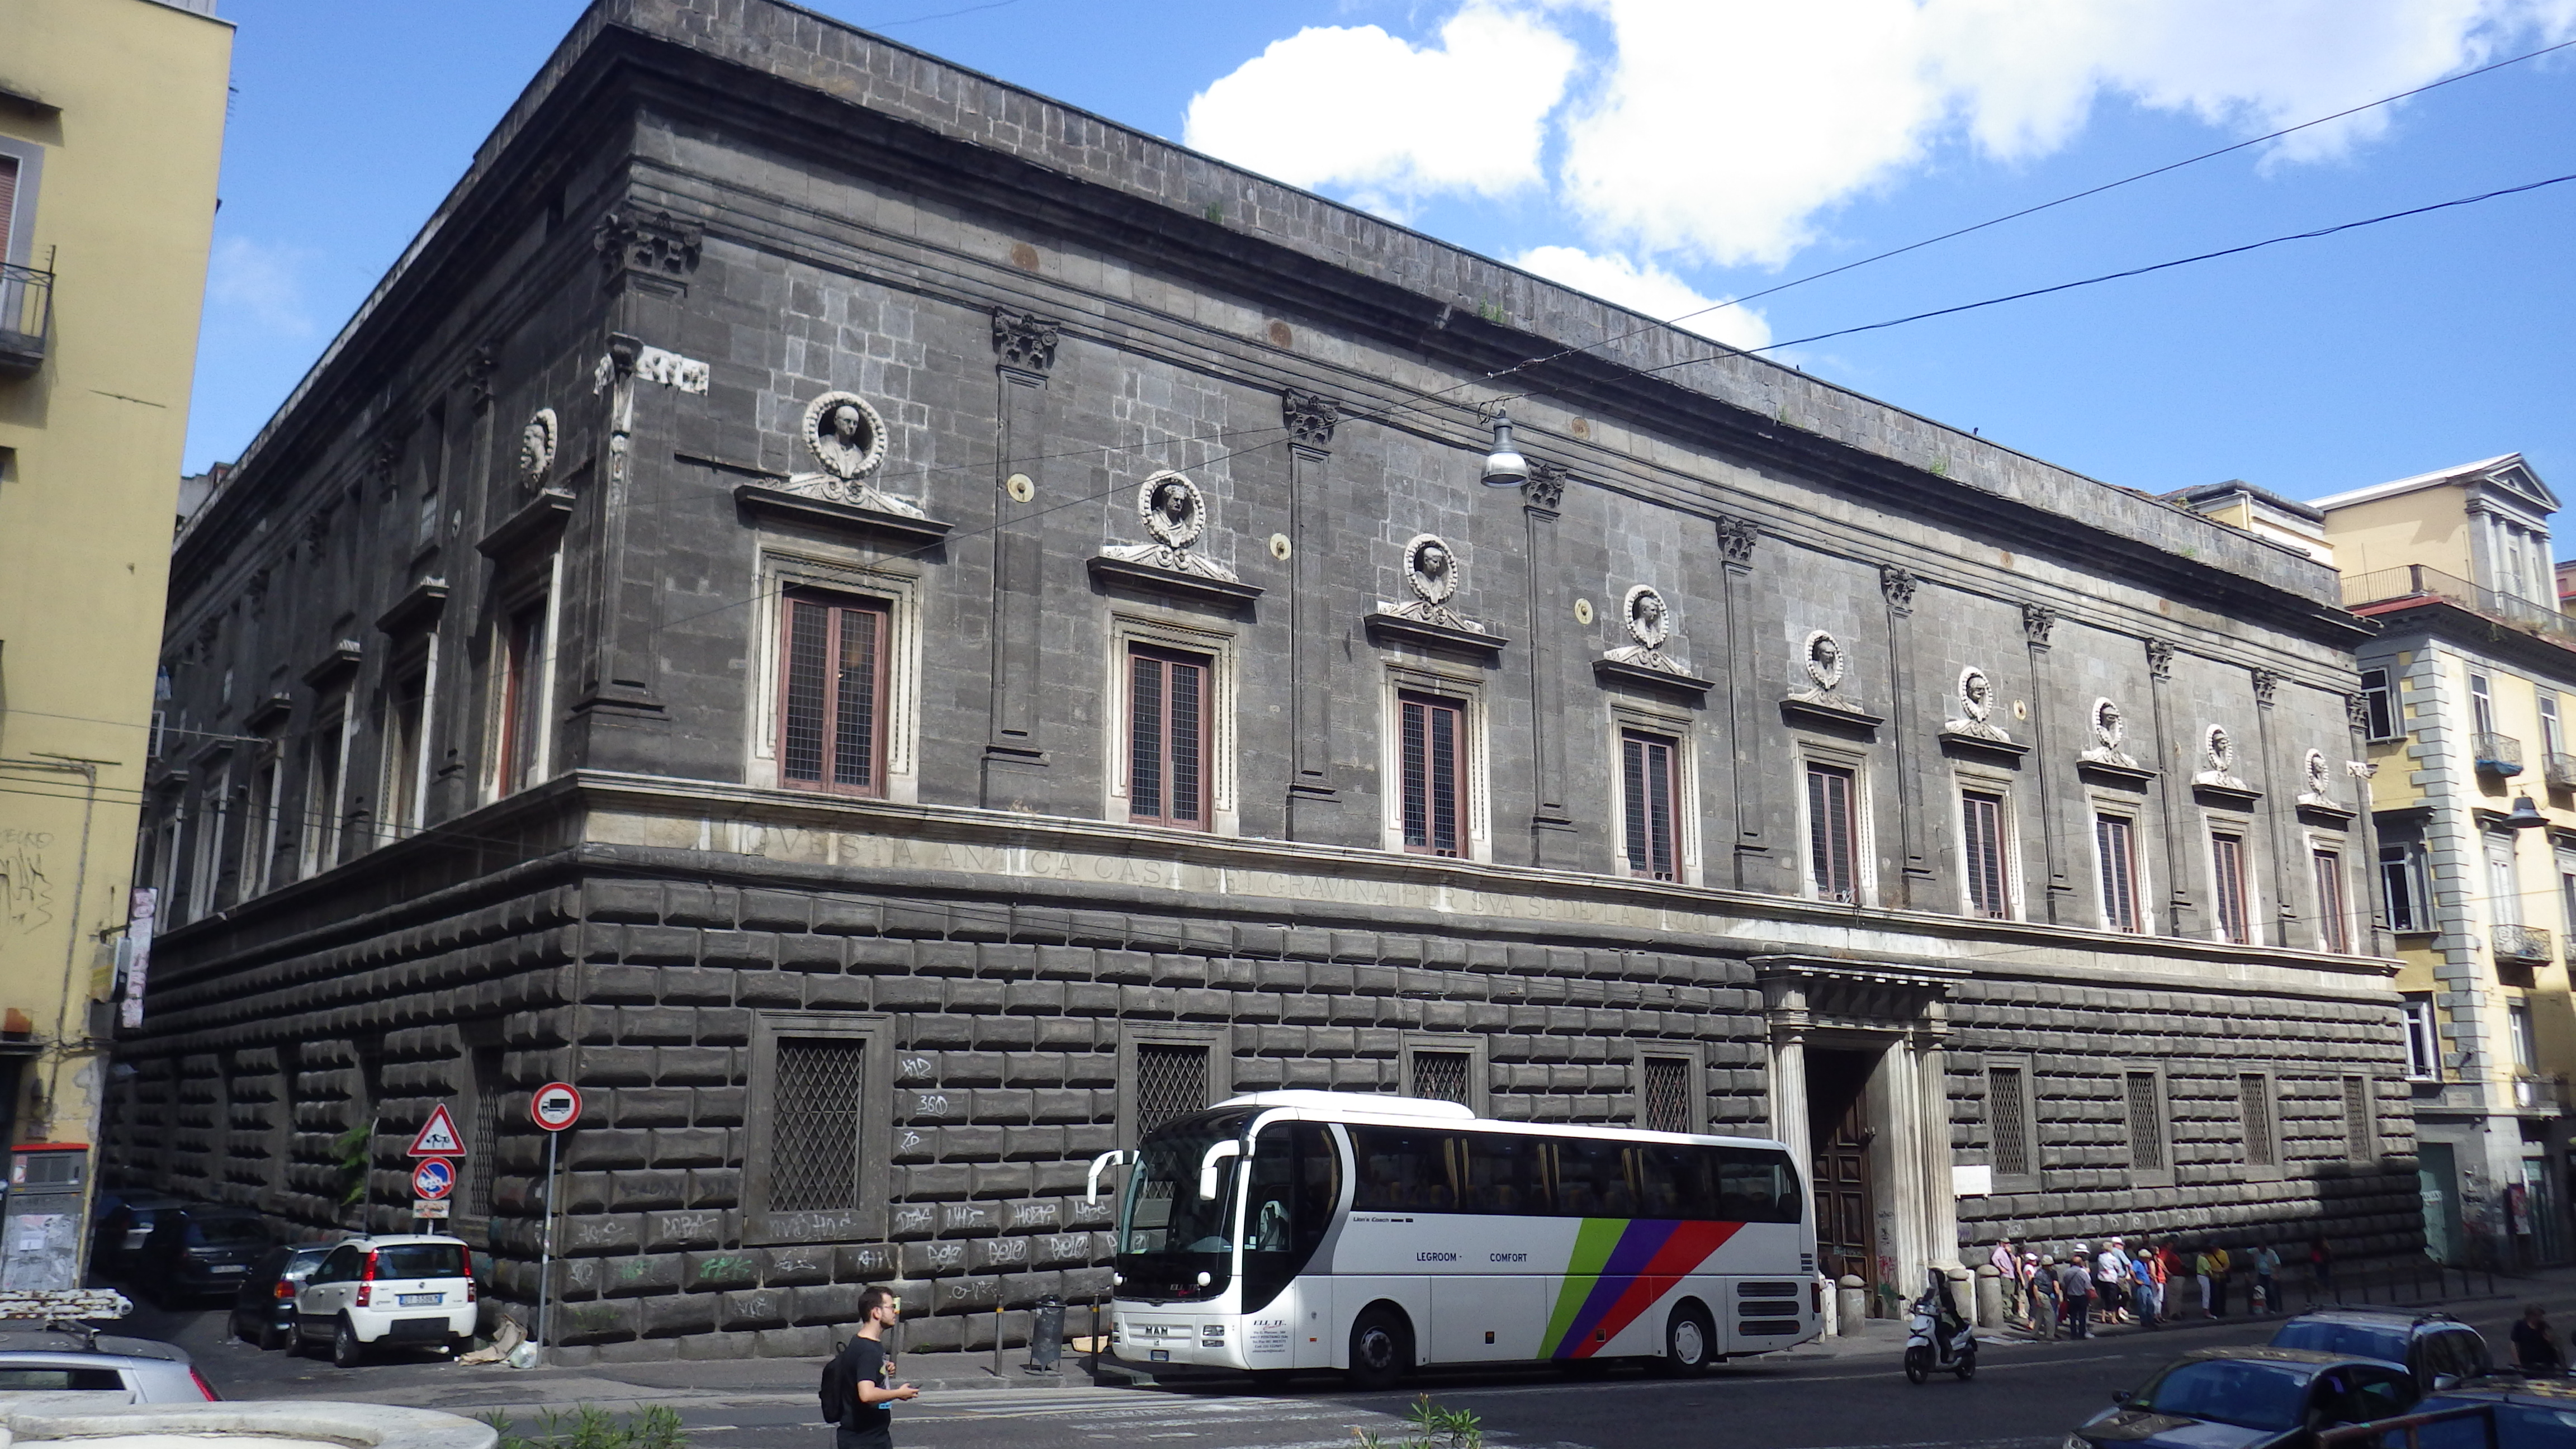 Facoltà di Architettura Federico II - Napoli